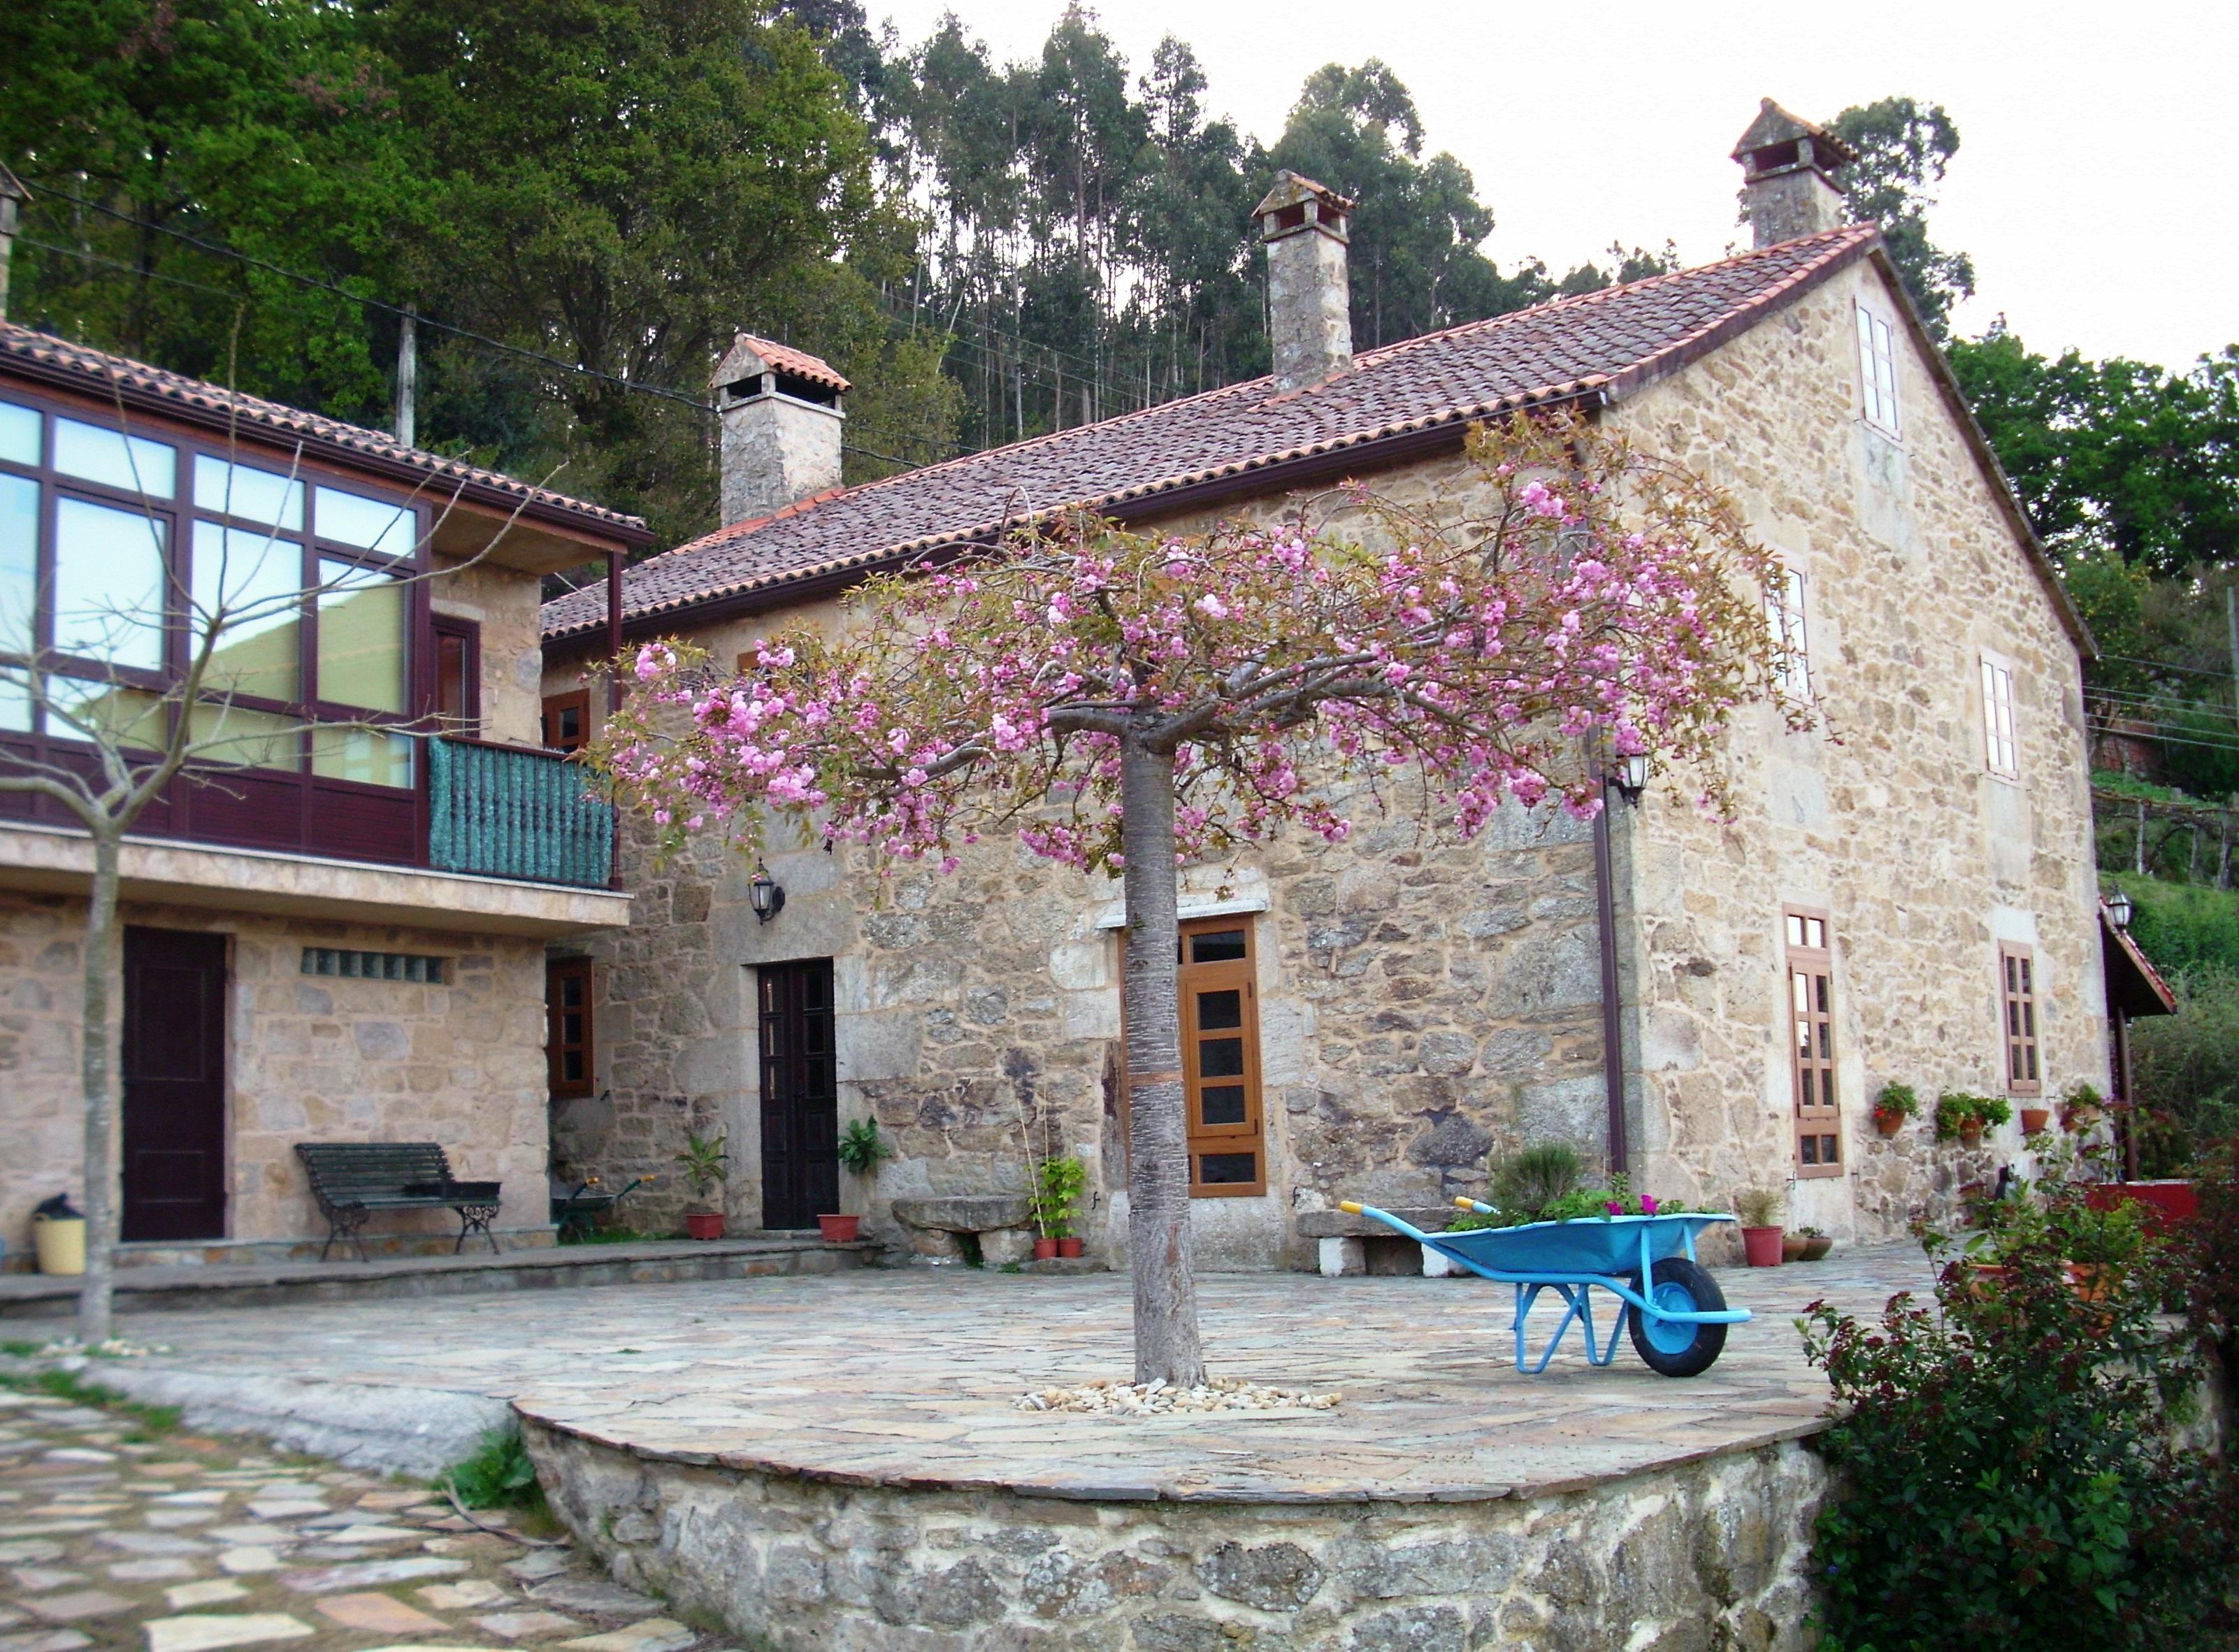 Galicia casas rurales con encanto elegant casa perfeuto mara casa rural con encanto y habitacin - Casas turismo rural galicia ...